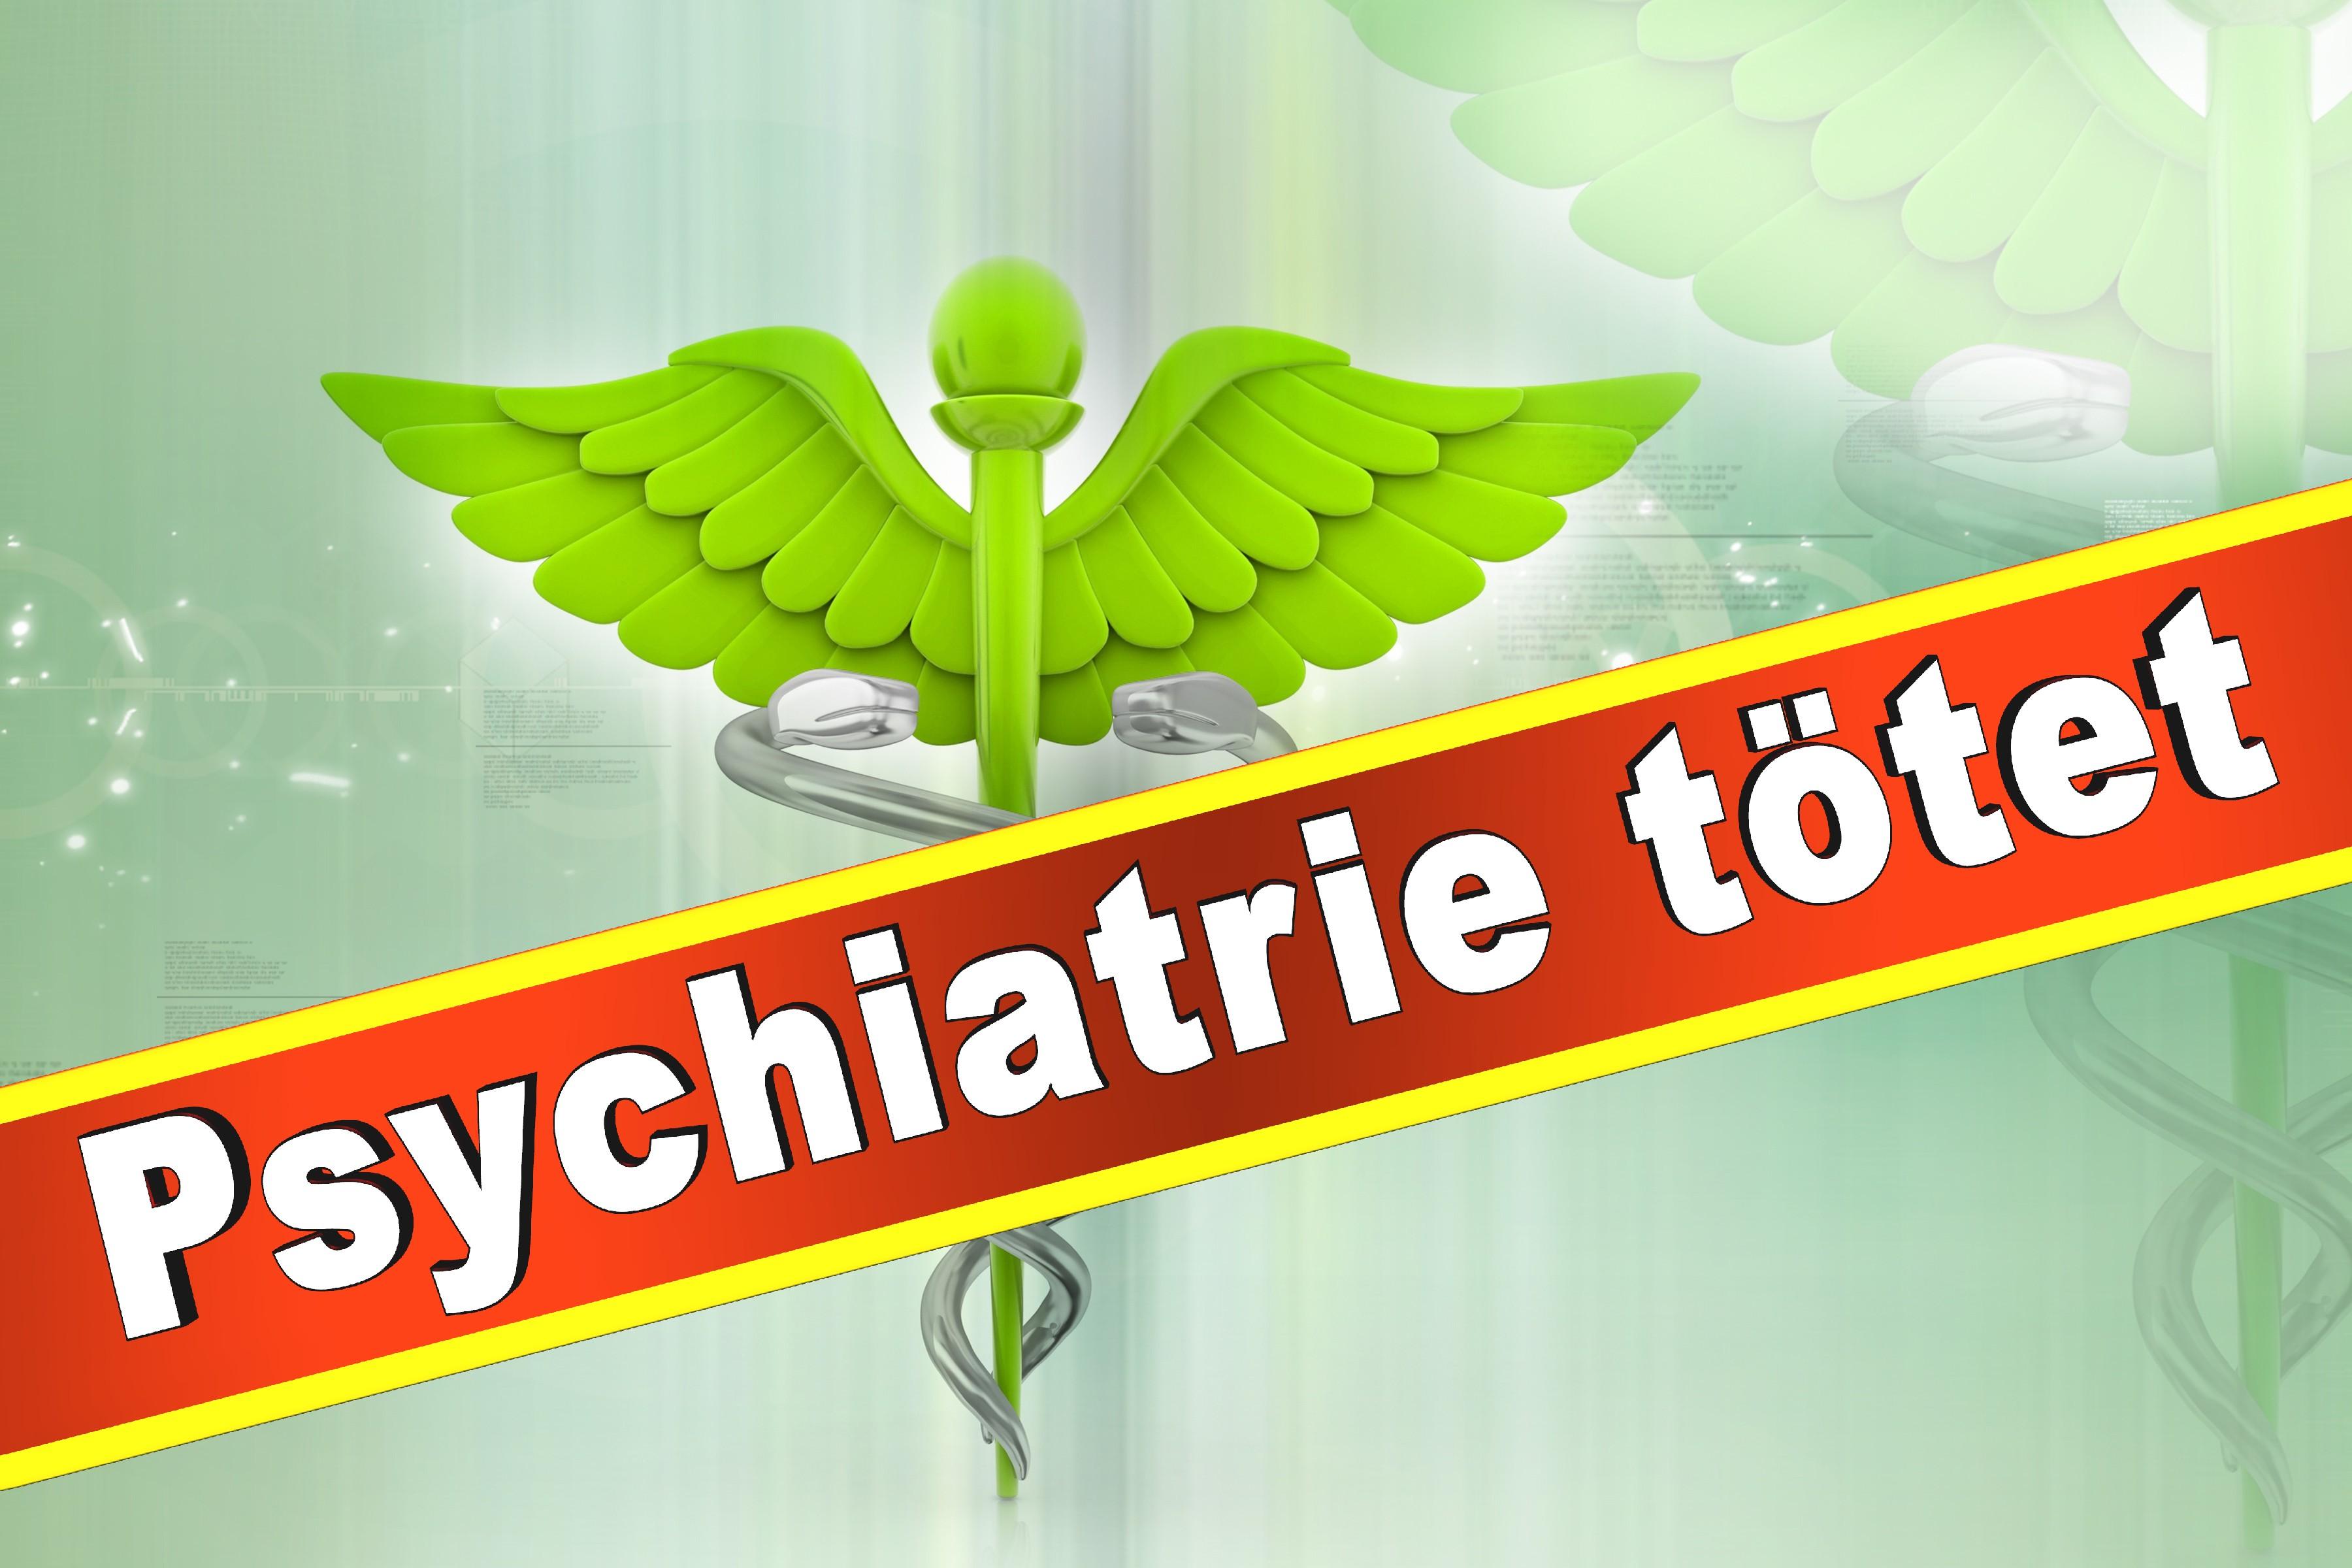 Carl Ernst Von Schönfeld Tagesklinik Psychiatrie Tod Bethel Psychiater Korruption Gift Zwangspsychiatrie Unterbringung (10)